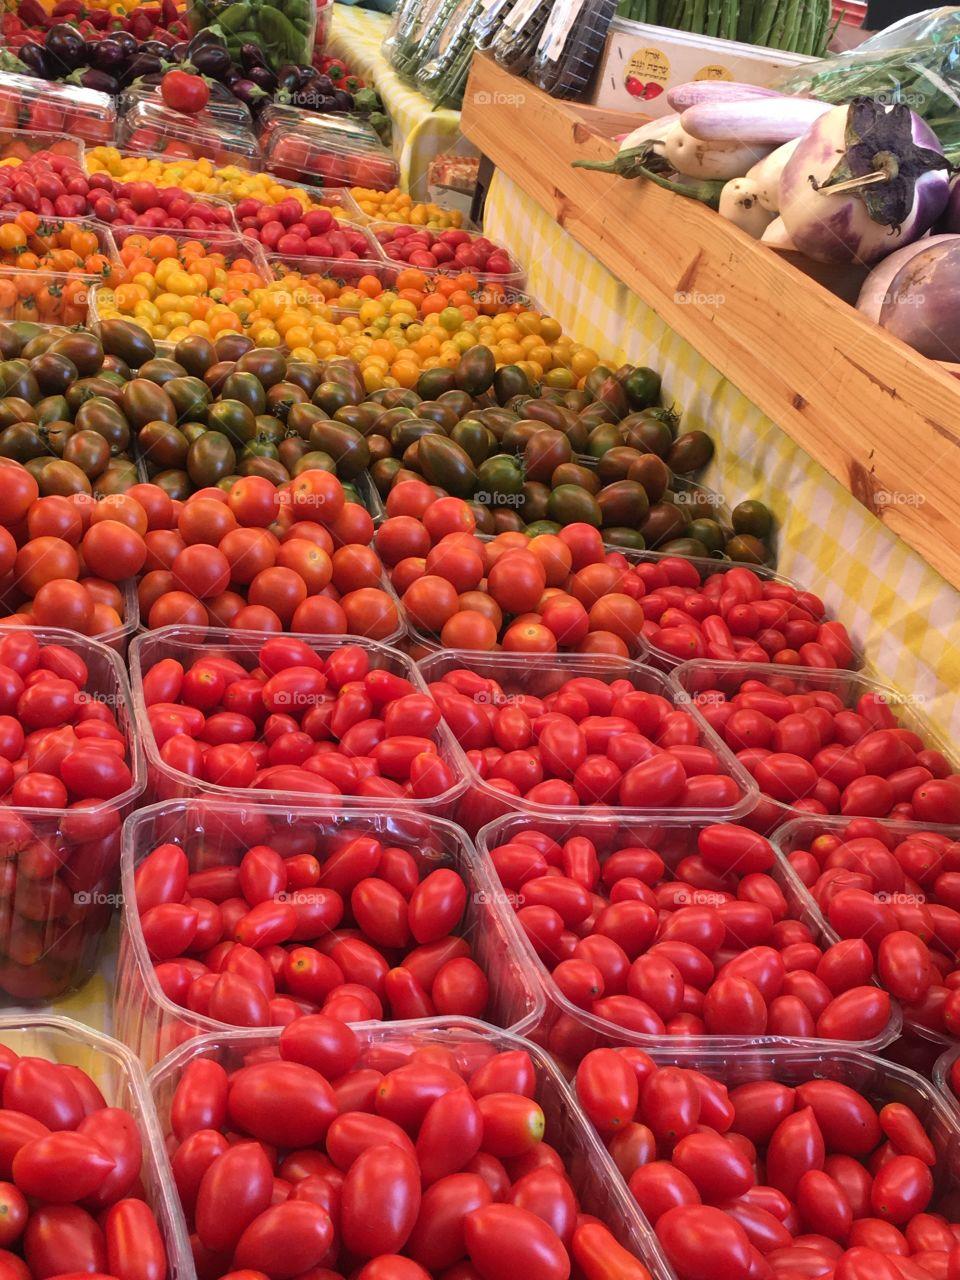 Cherry tomatoes variety